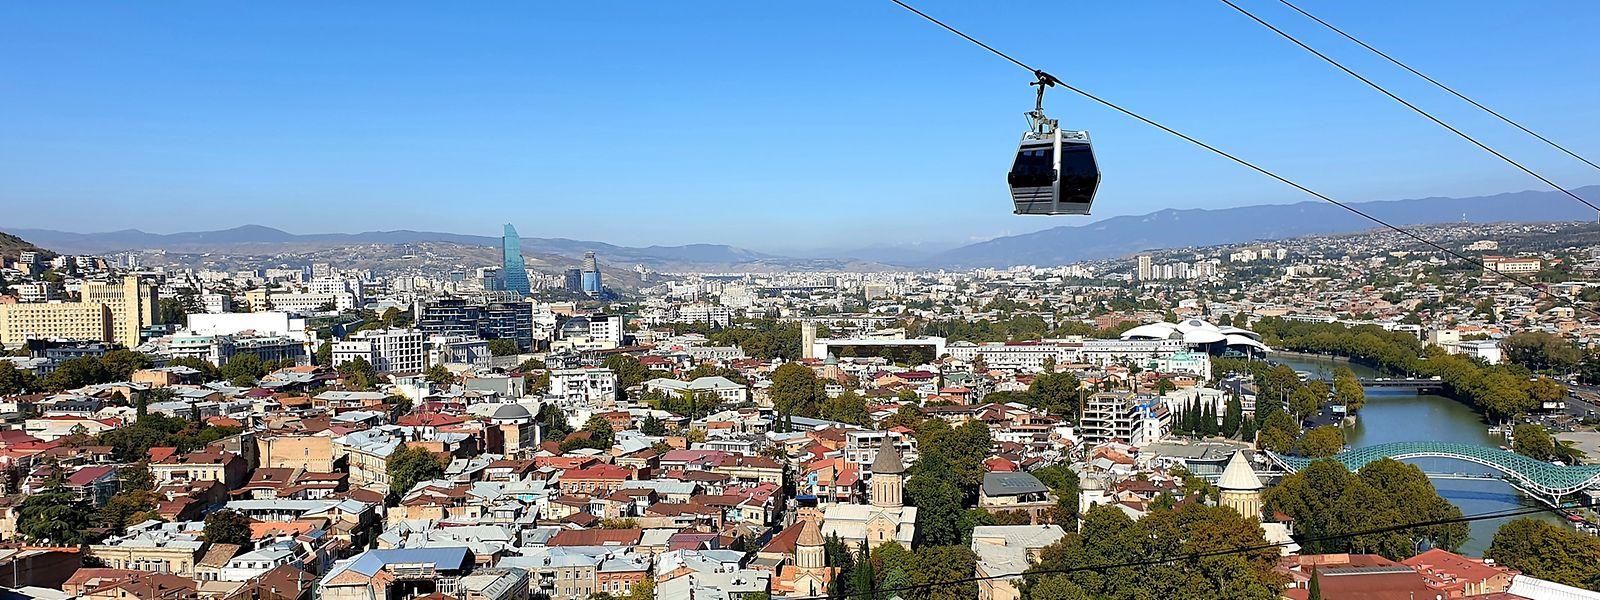 Wer Tiflis entdecken möchte, muss mit der Seilbahn nach oben.